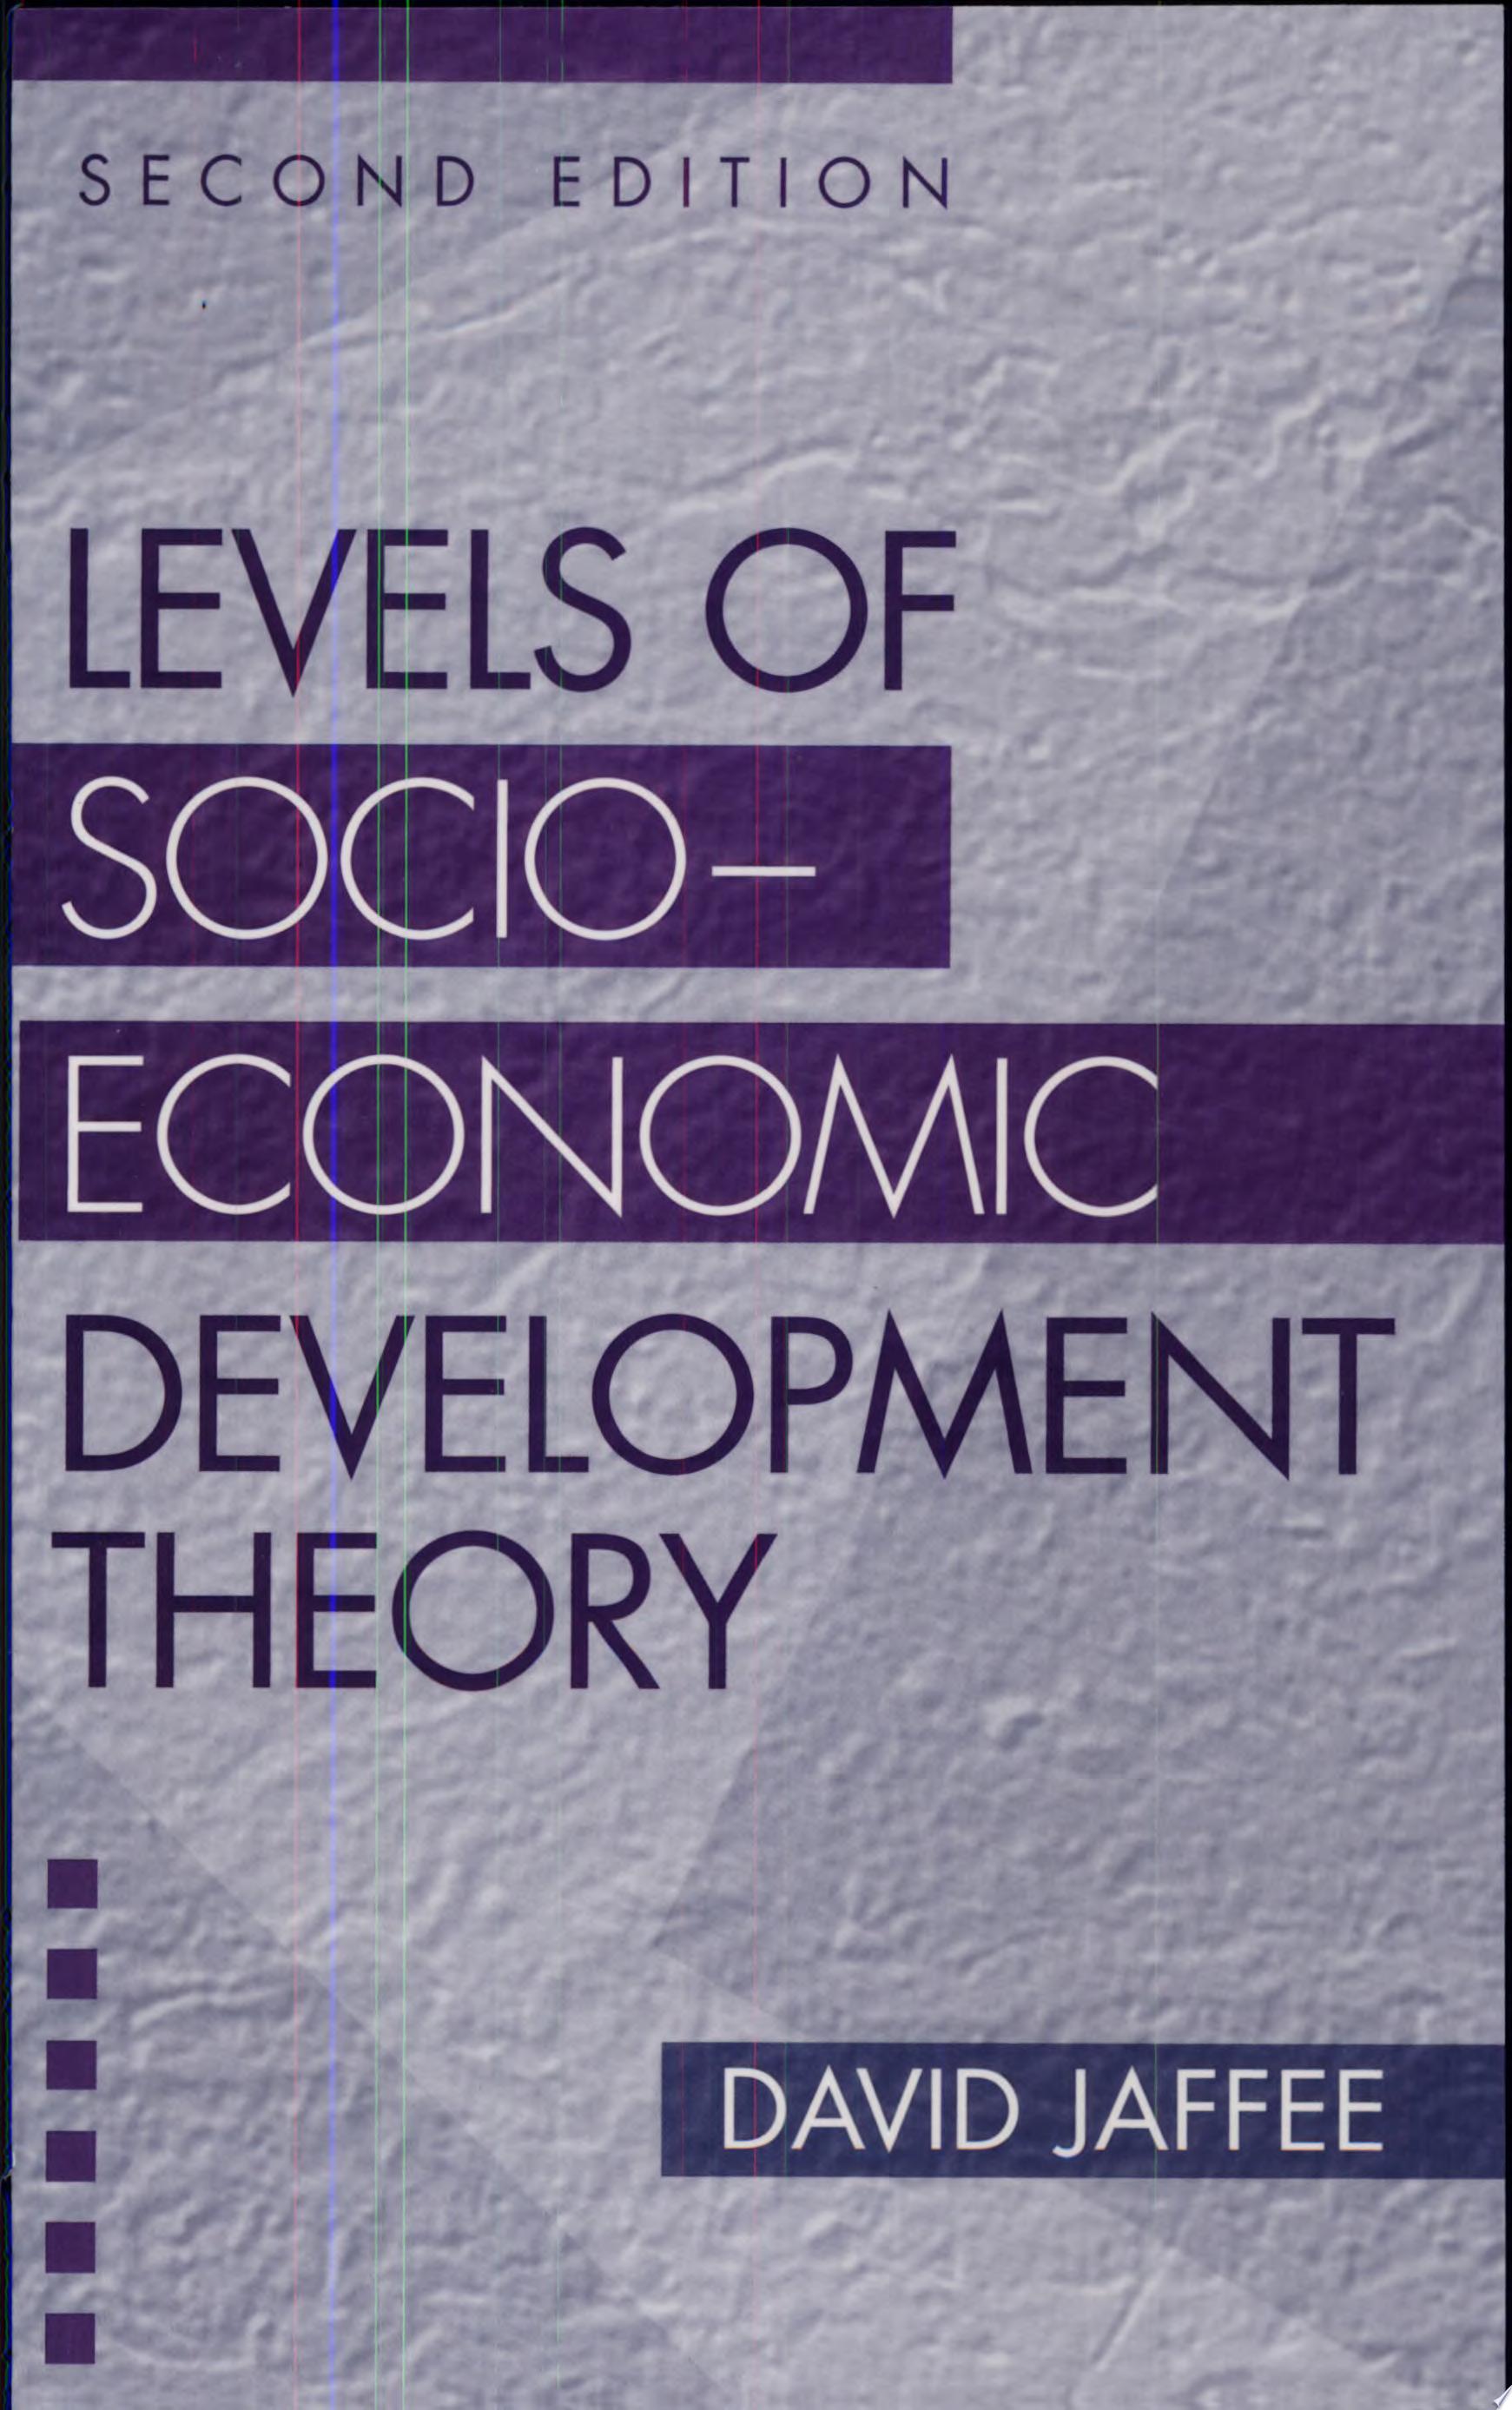 Levels of Socio economic Development Theory